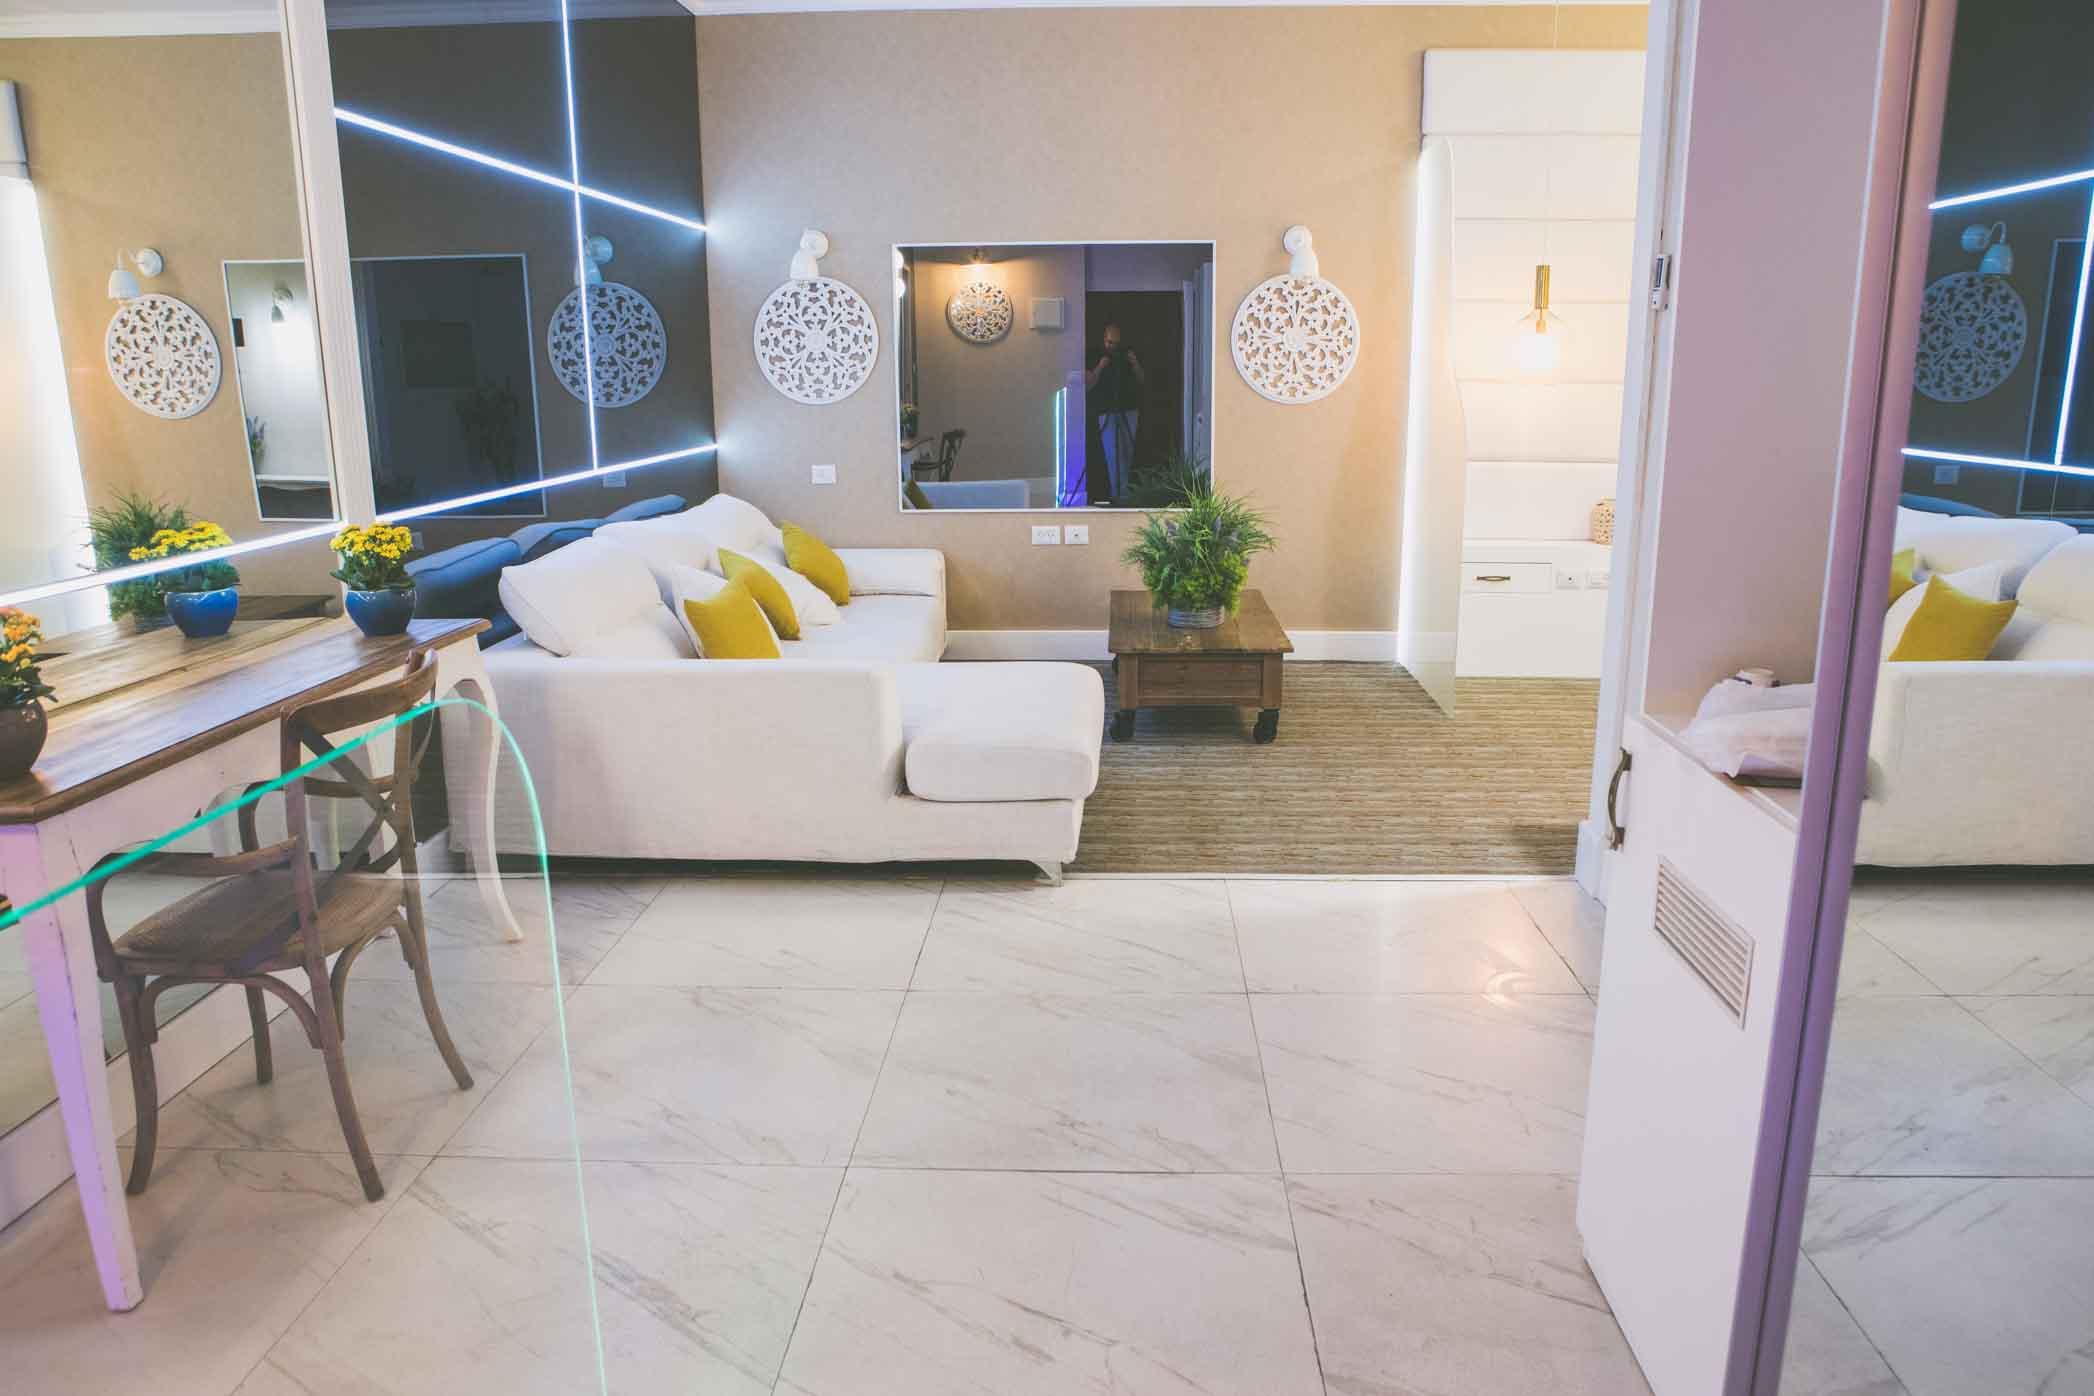 מלון הגארדן בחיפה - הסוויטה הזהובה